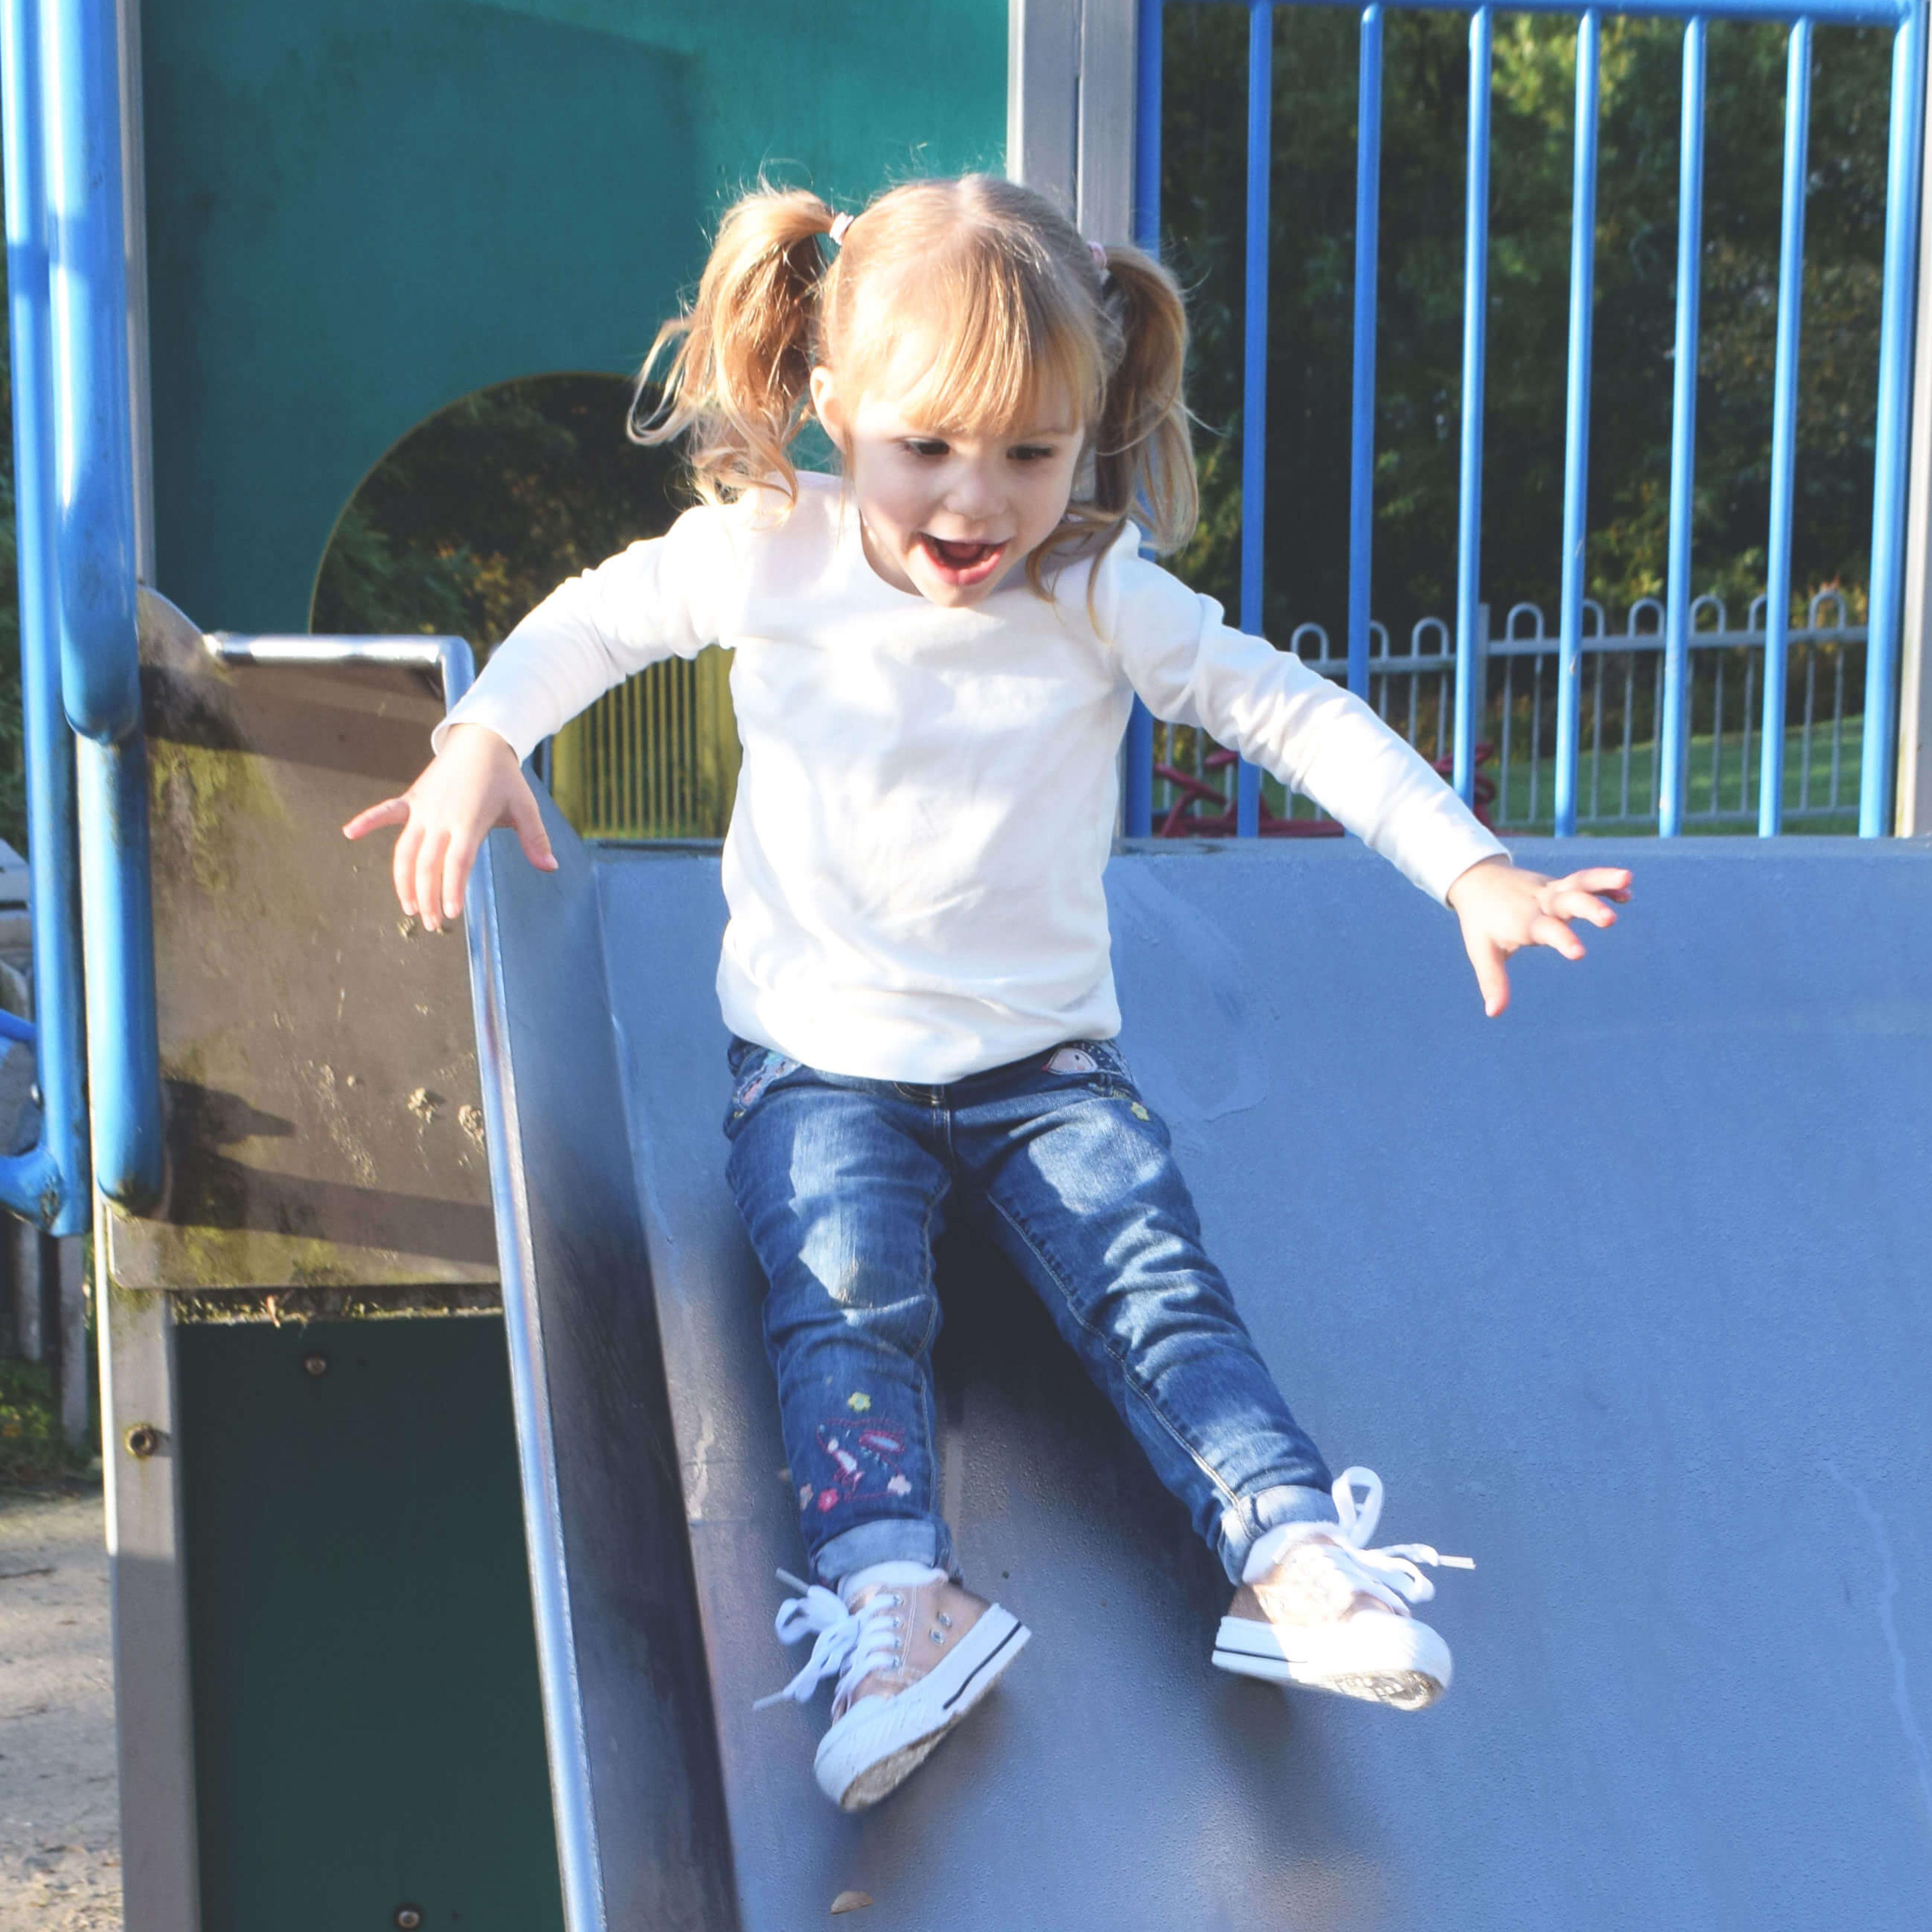 Urban Jacks Baltimore Kids Infants Rose Gold Shoes at park